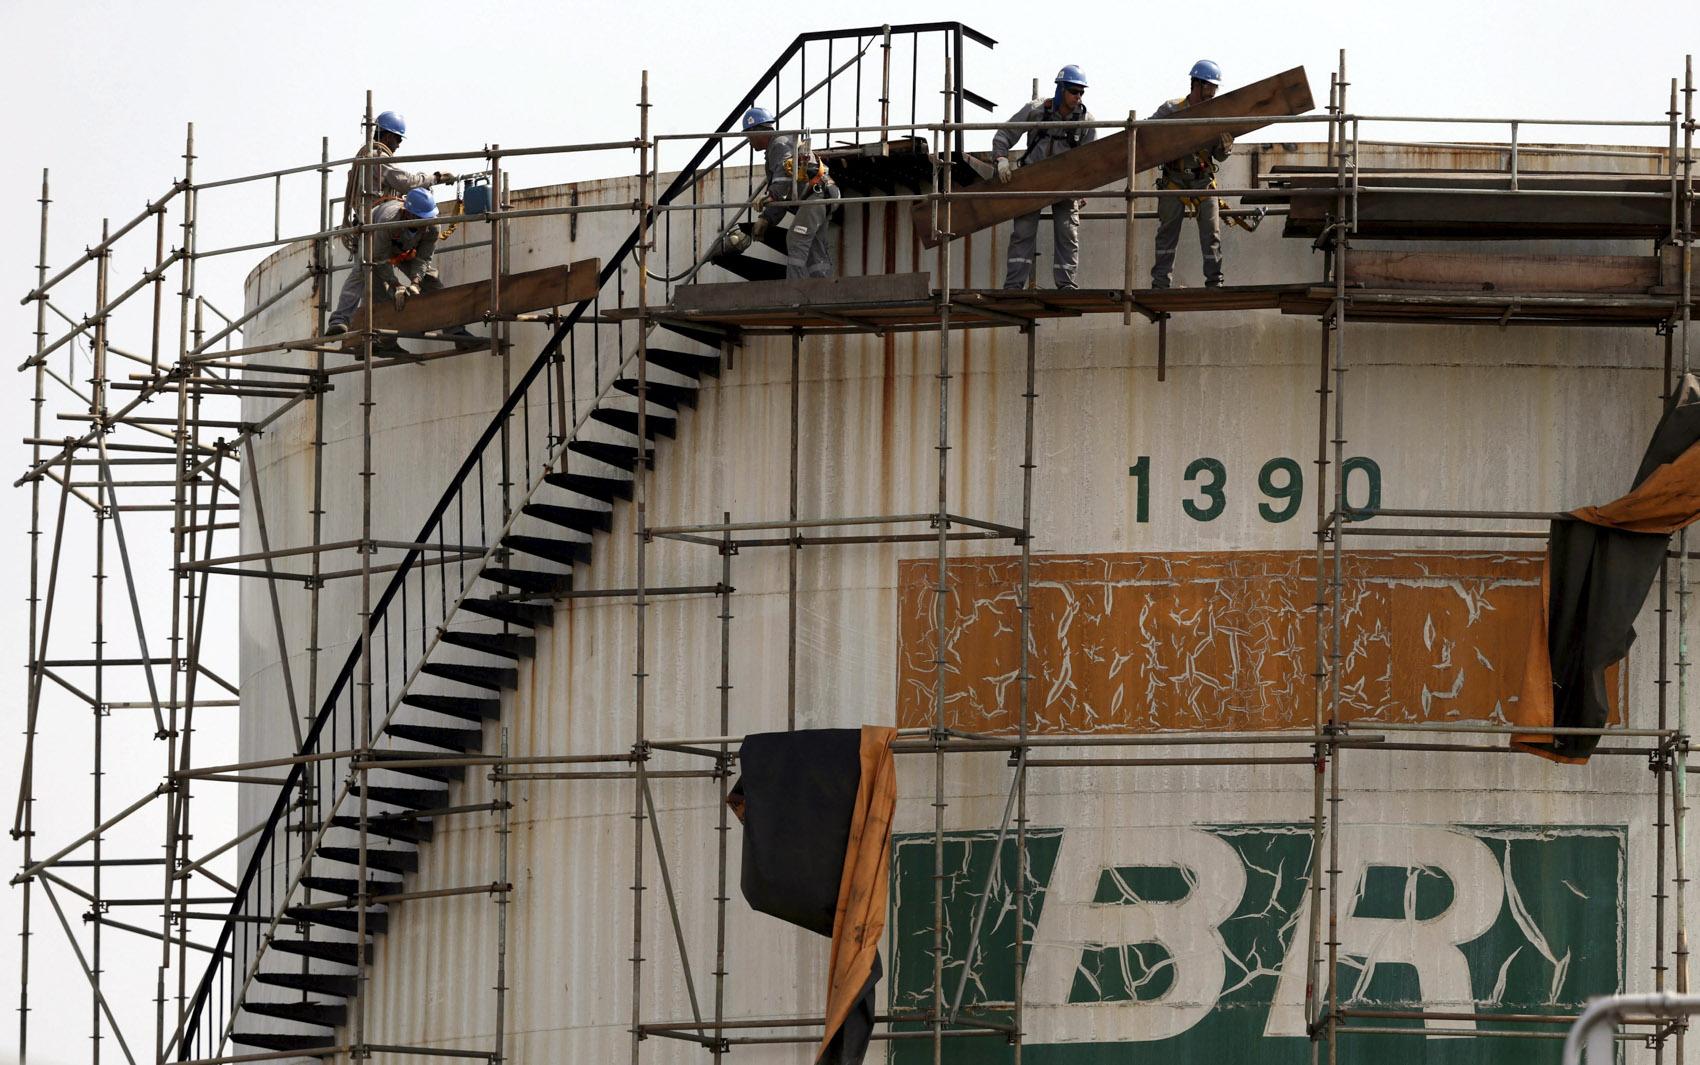 Resultado de imagem para Governo prevê receber R$ 100 bilhões com novo leilão de blocos cedidos à Petrobras em 2010